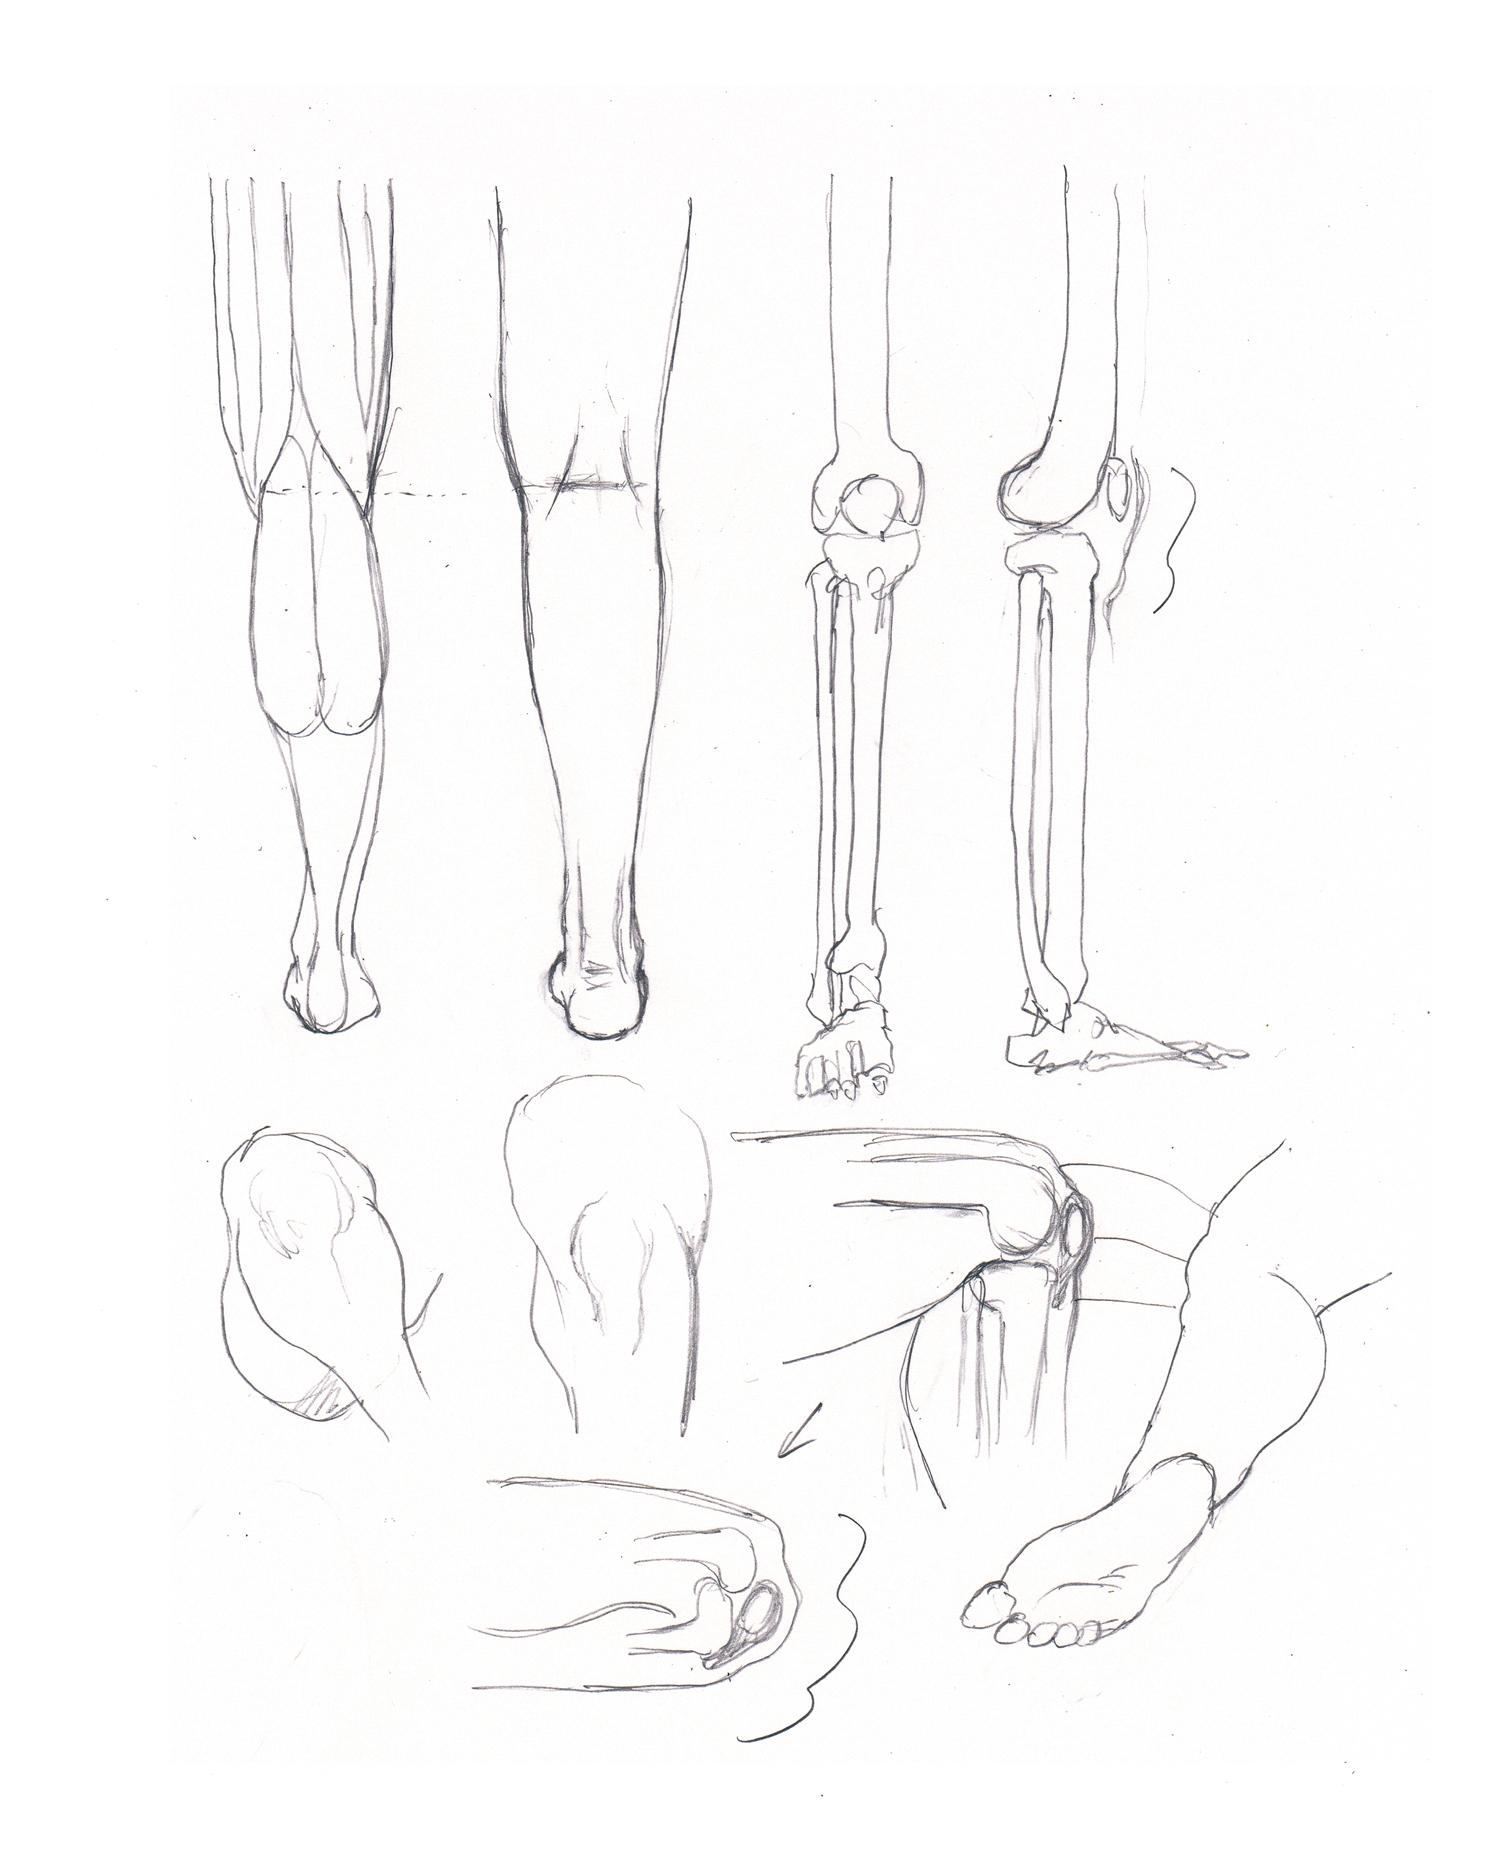 ひざを描く練習 HIZA